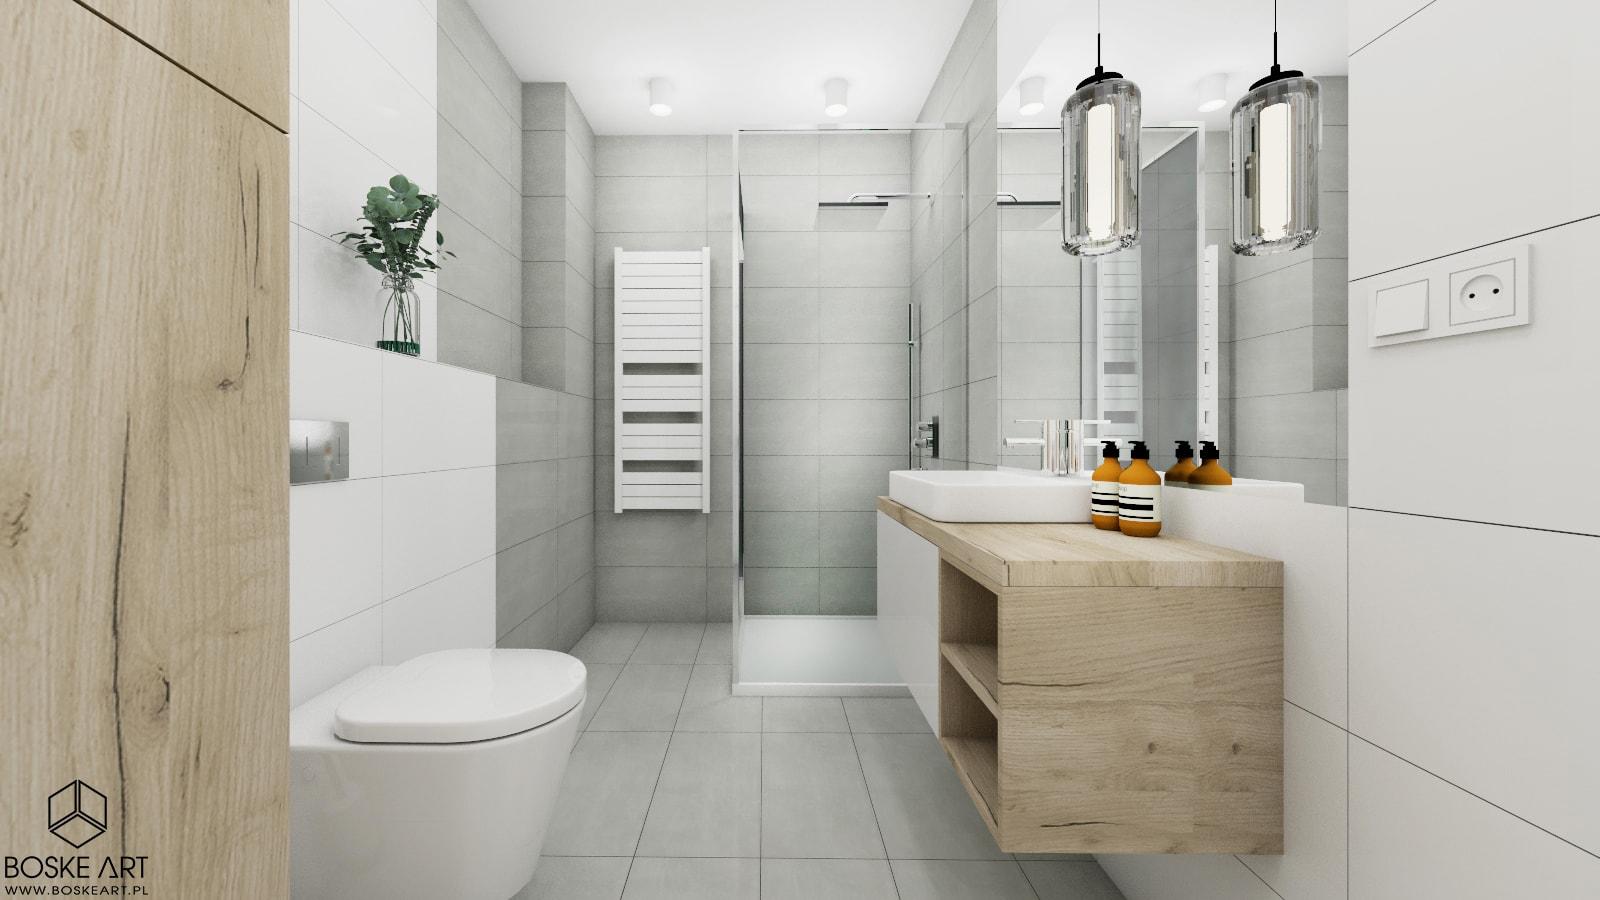 99_projekt_apartamentu_kawalerki_poznan_boske_art_projektowanie_wnetrz_aranzacja_natalia_robaszkiewicz-min